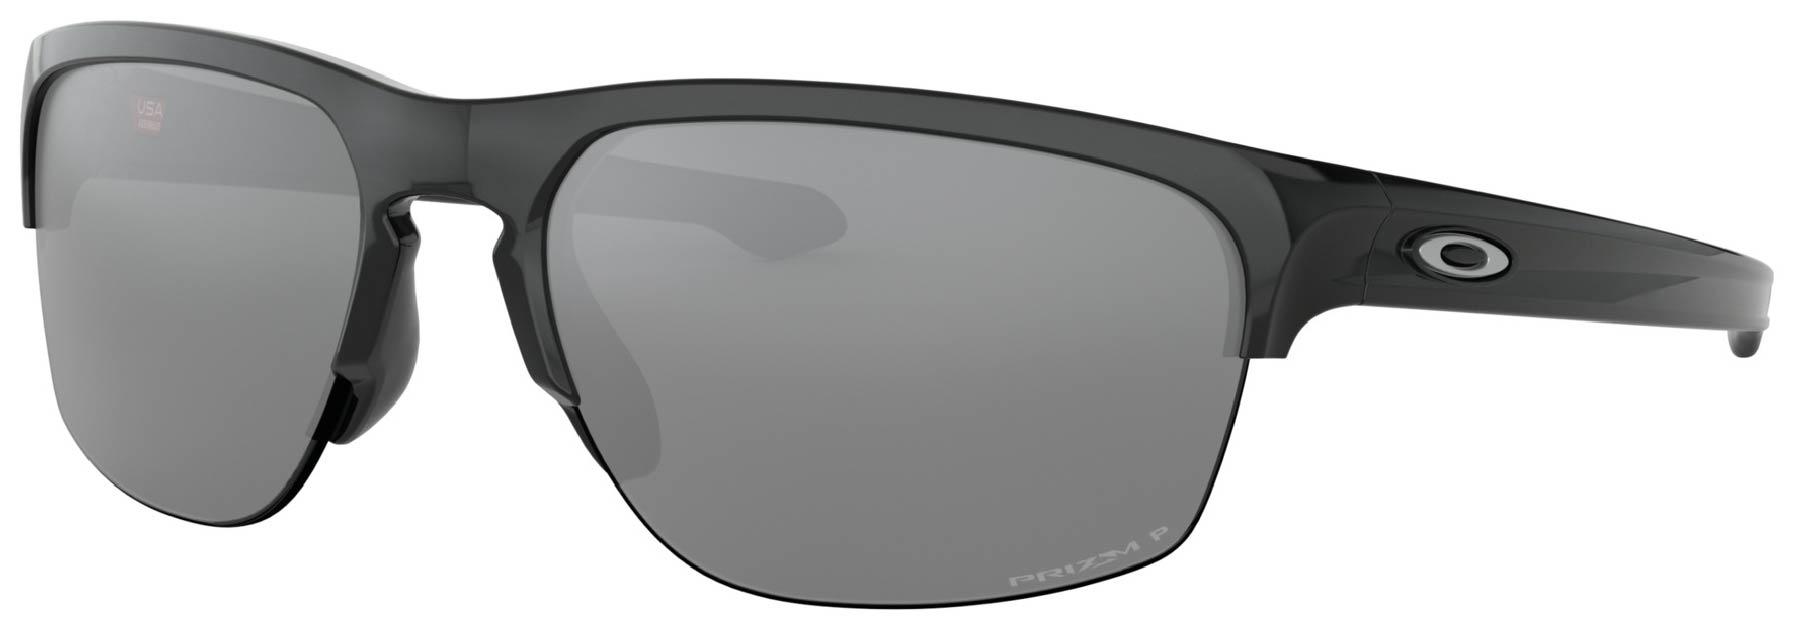 Oakley Sliver Black Prizm OO9413 0465 65 10